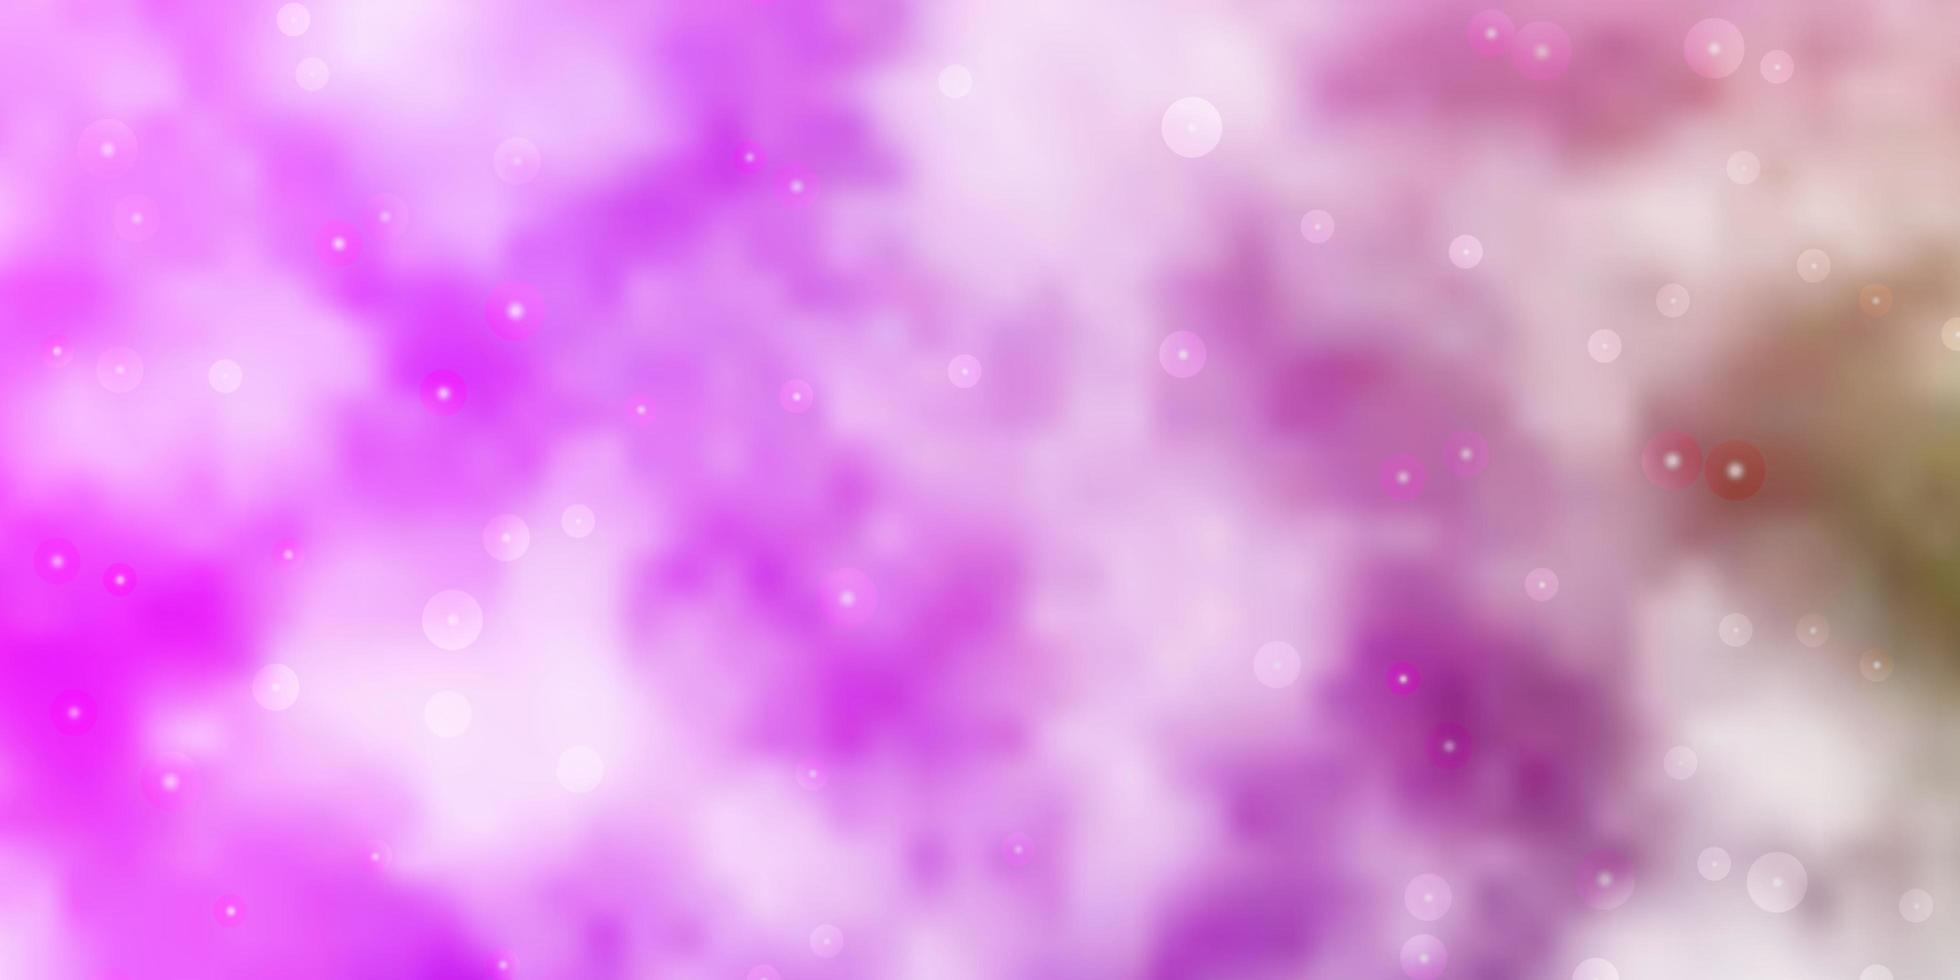 hellrosa, grüner Vektorhintergrund mit kleinen und großen Sternen. vektor